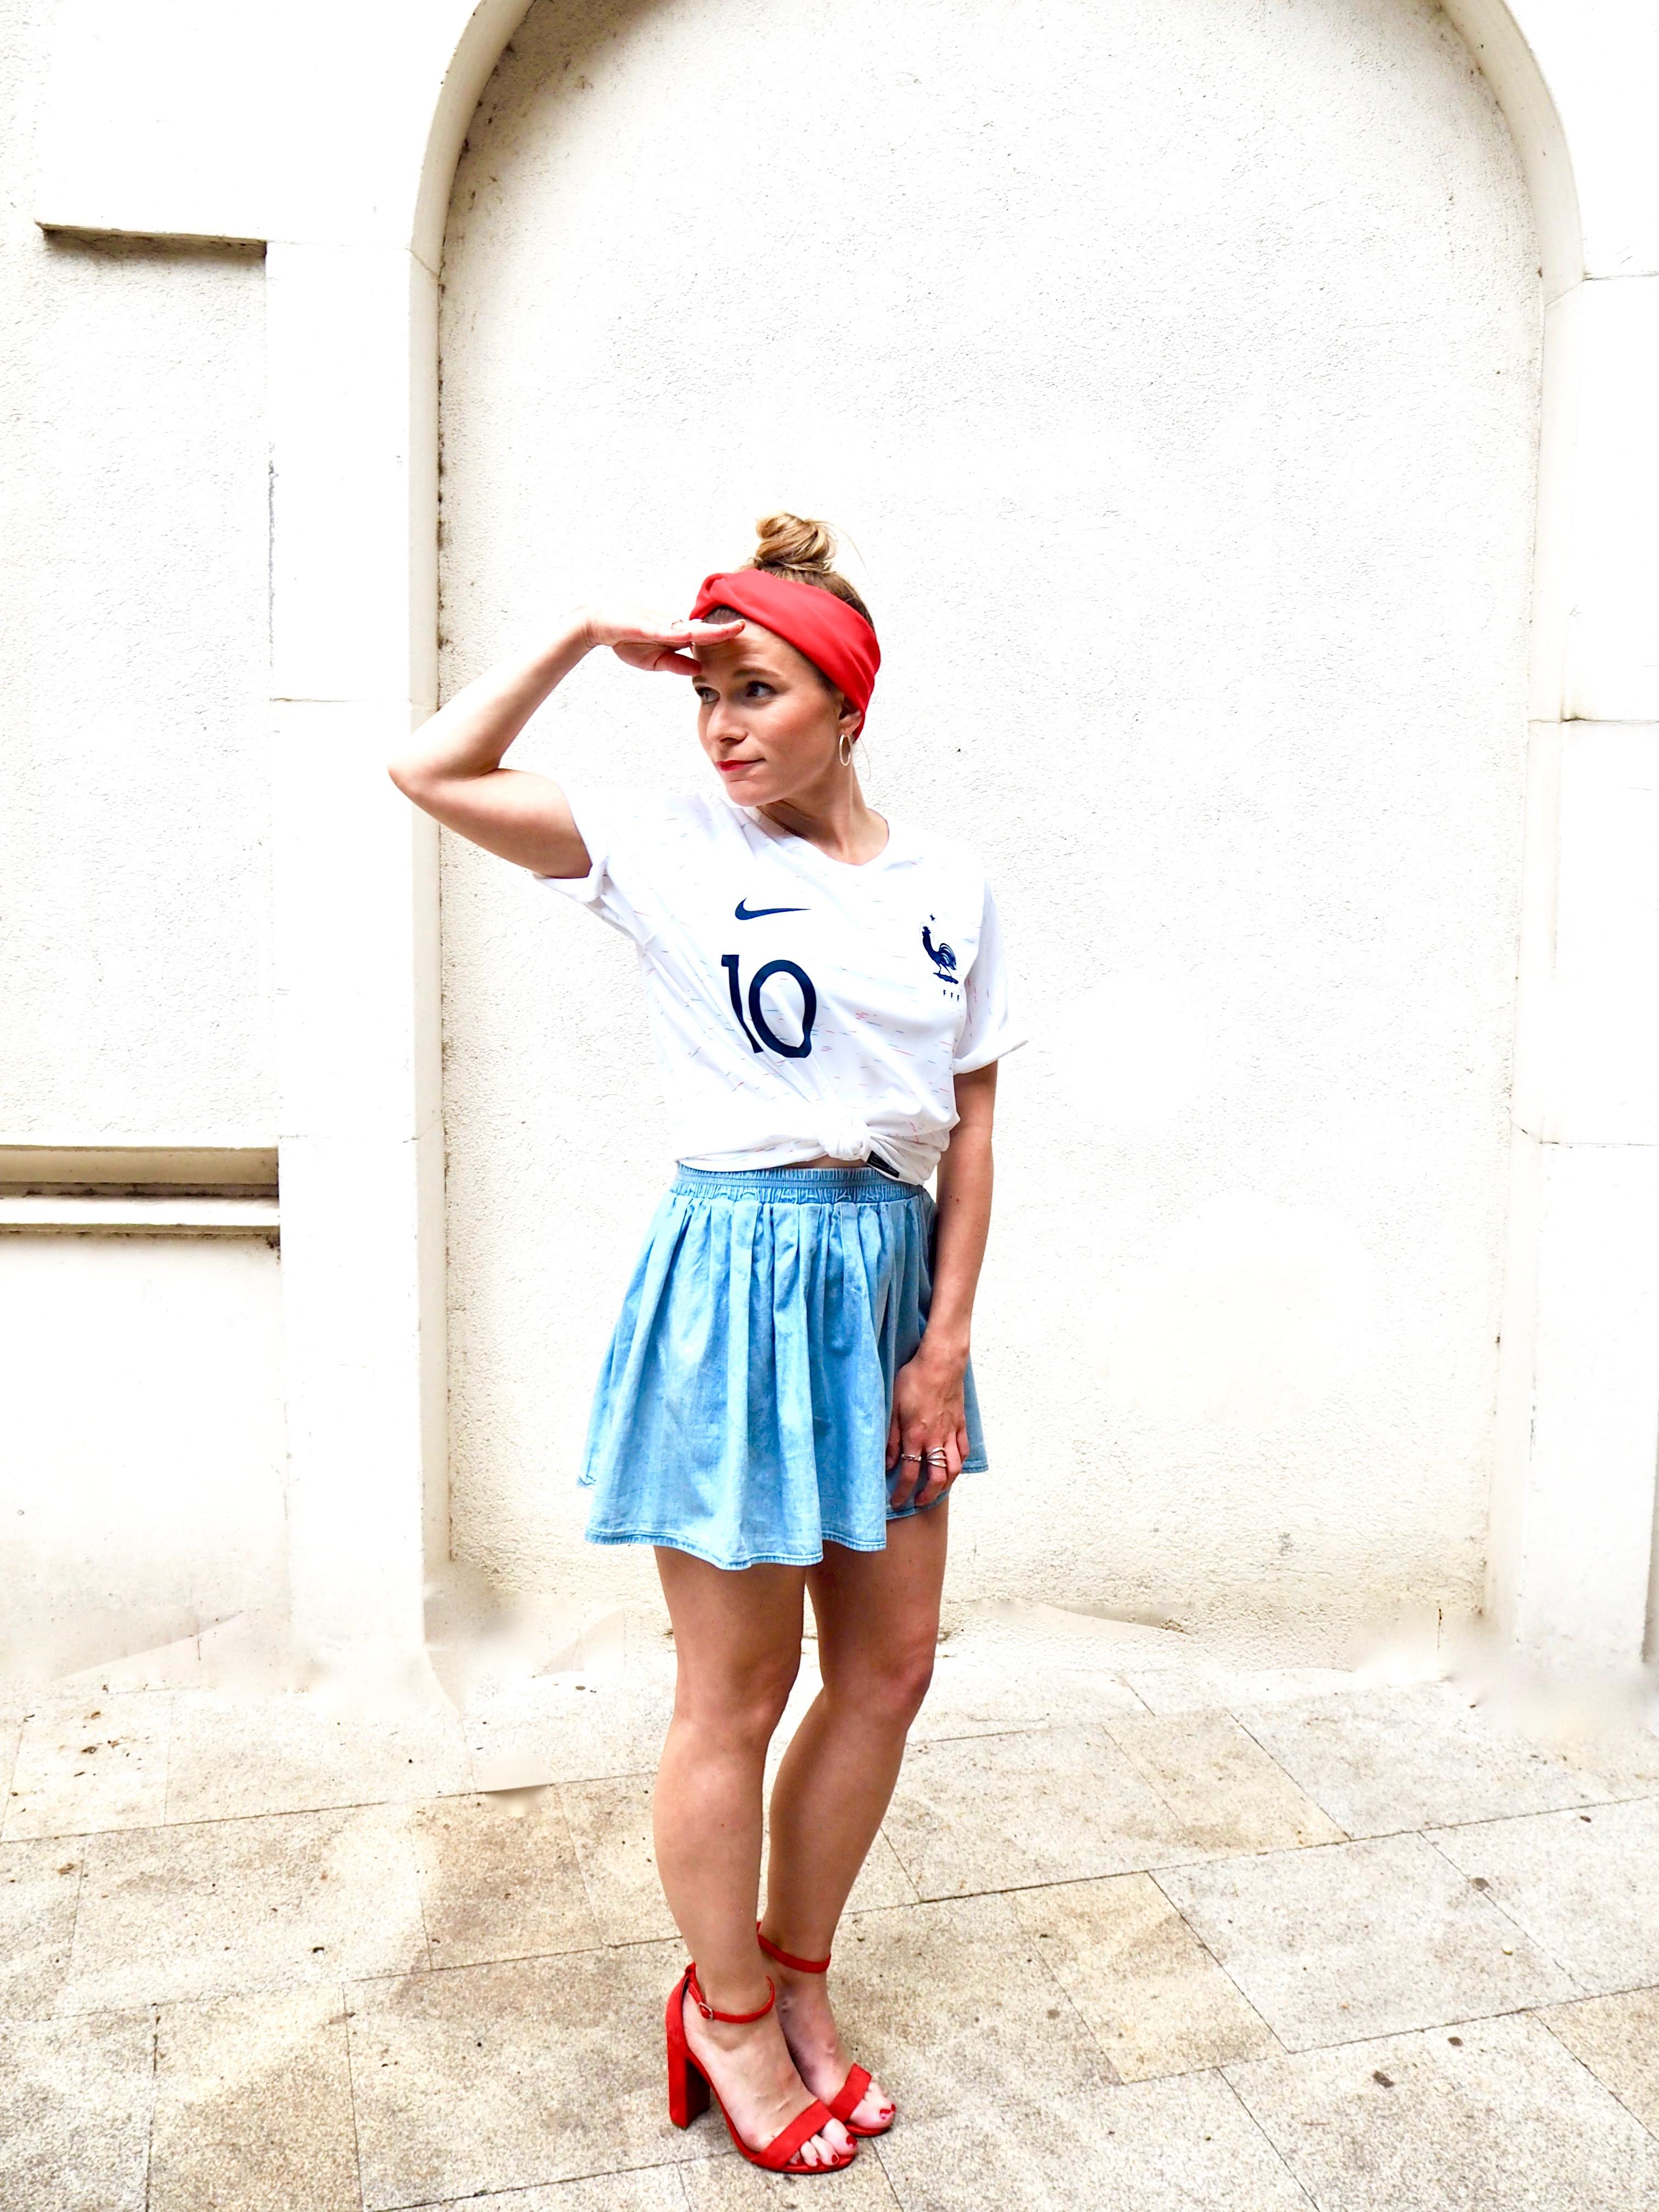 porter un maillot de foot avec style